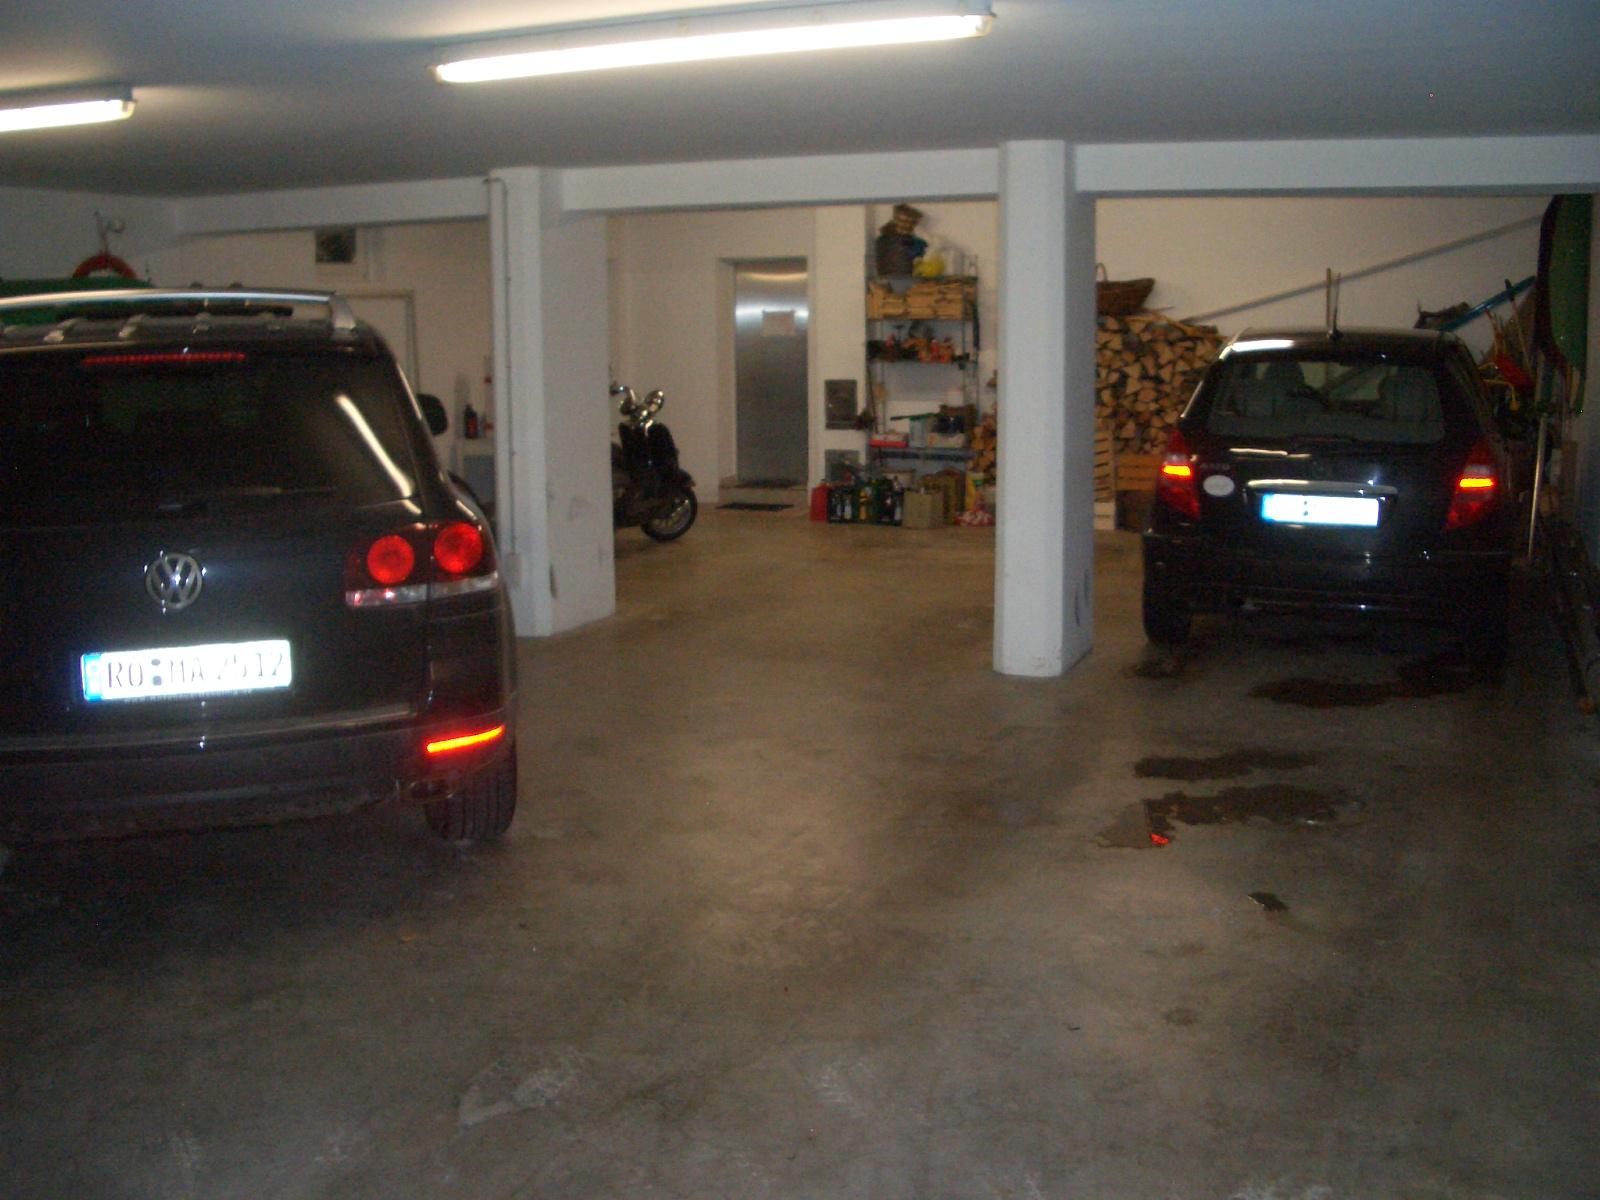 Bricoman A Aulnay Sous Bois u2013 Myqto com # Garage Renault Aulnay Sous Bois